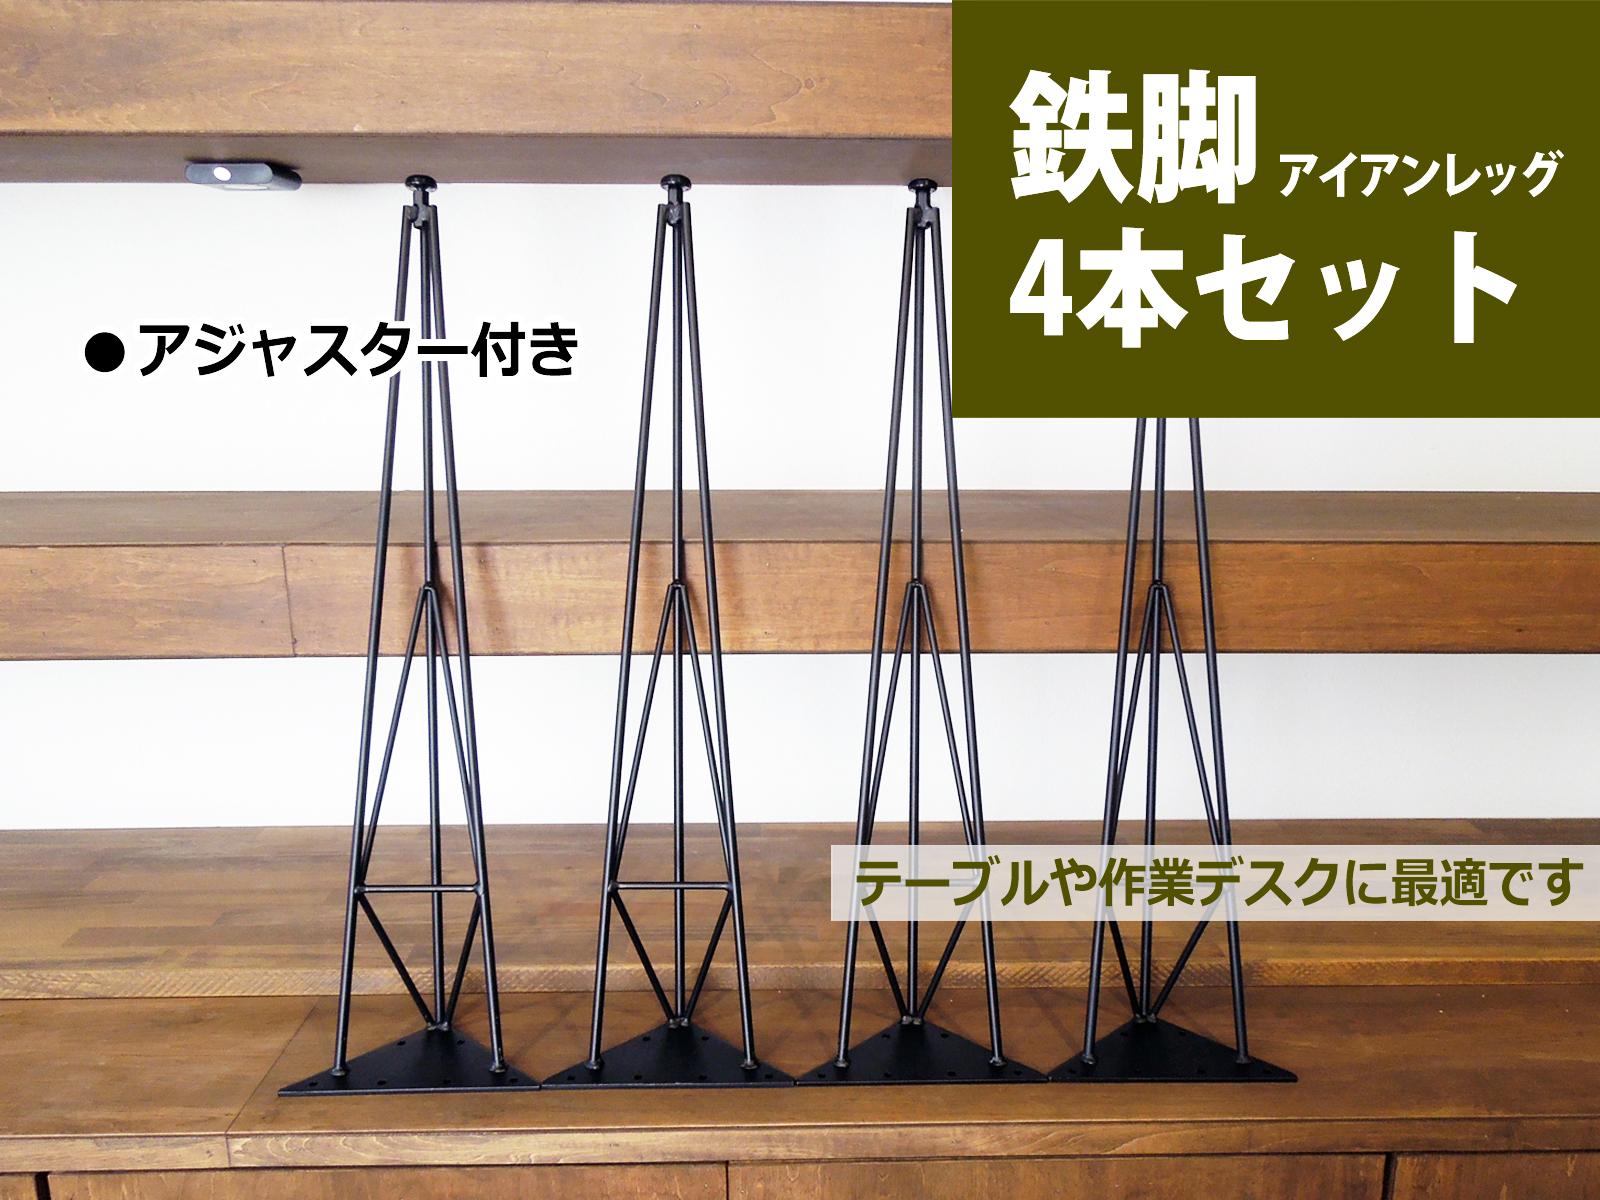 鉄脚 トライアングル アイアンレッグ DIY テーブル脚 4本セット ツヤ消し黒